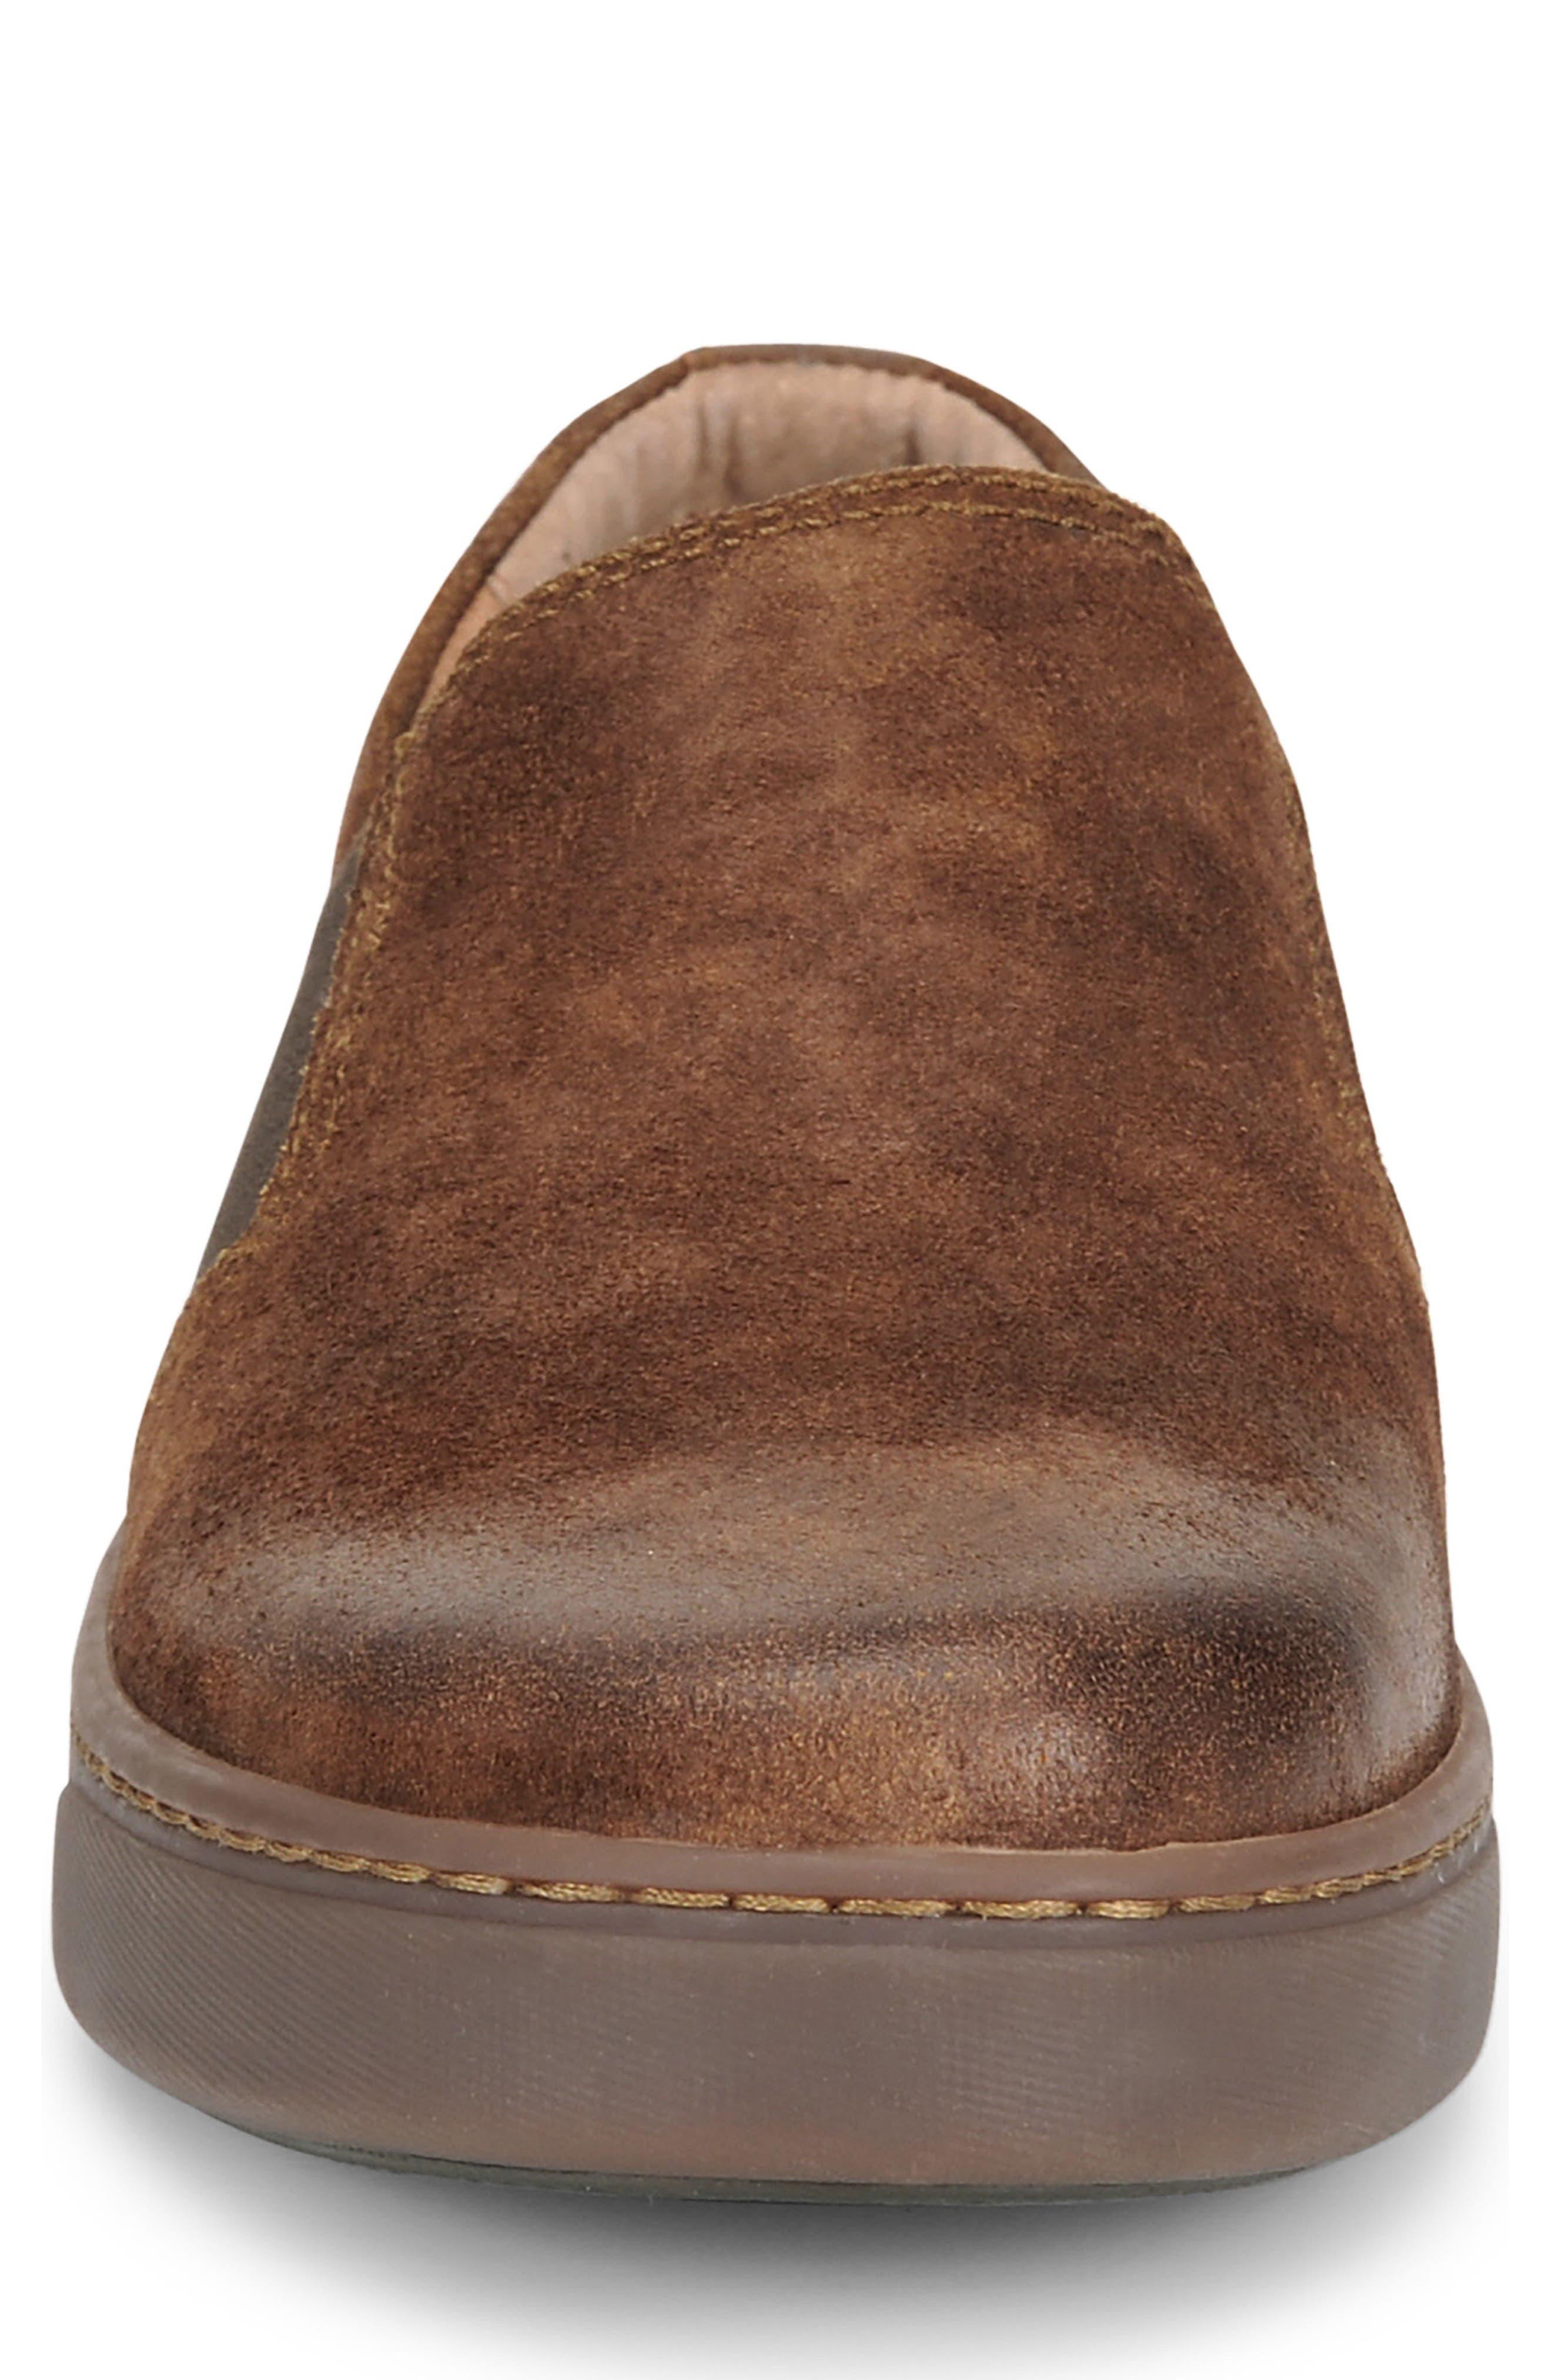 Belford Slip-On Sneaker,                             Alternate thumbnail 4, color,                             219